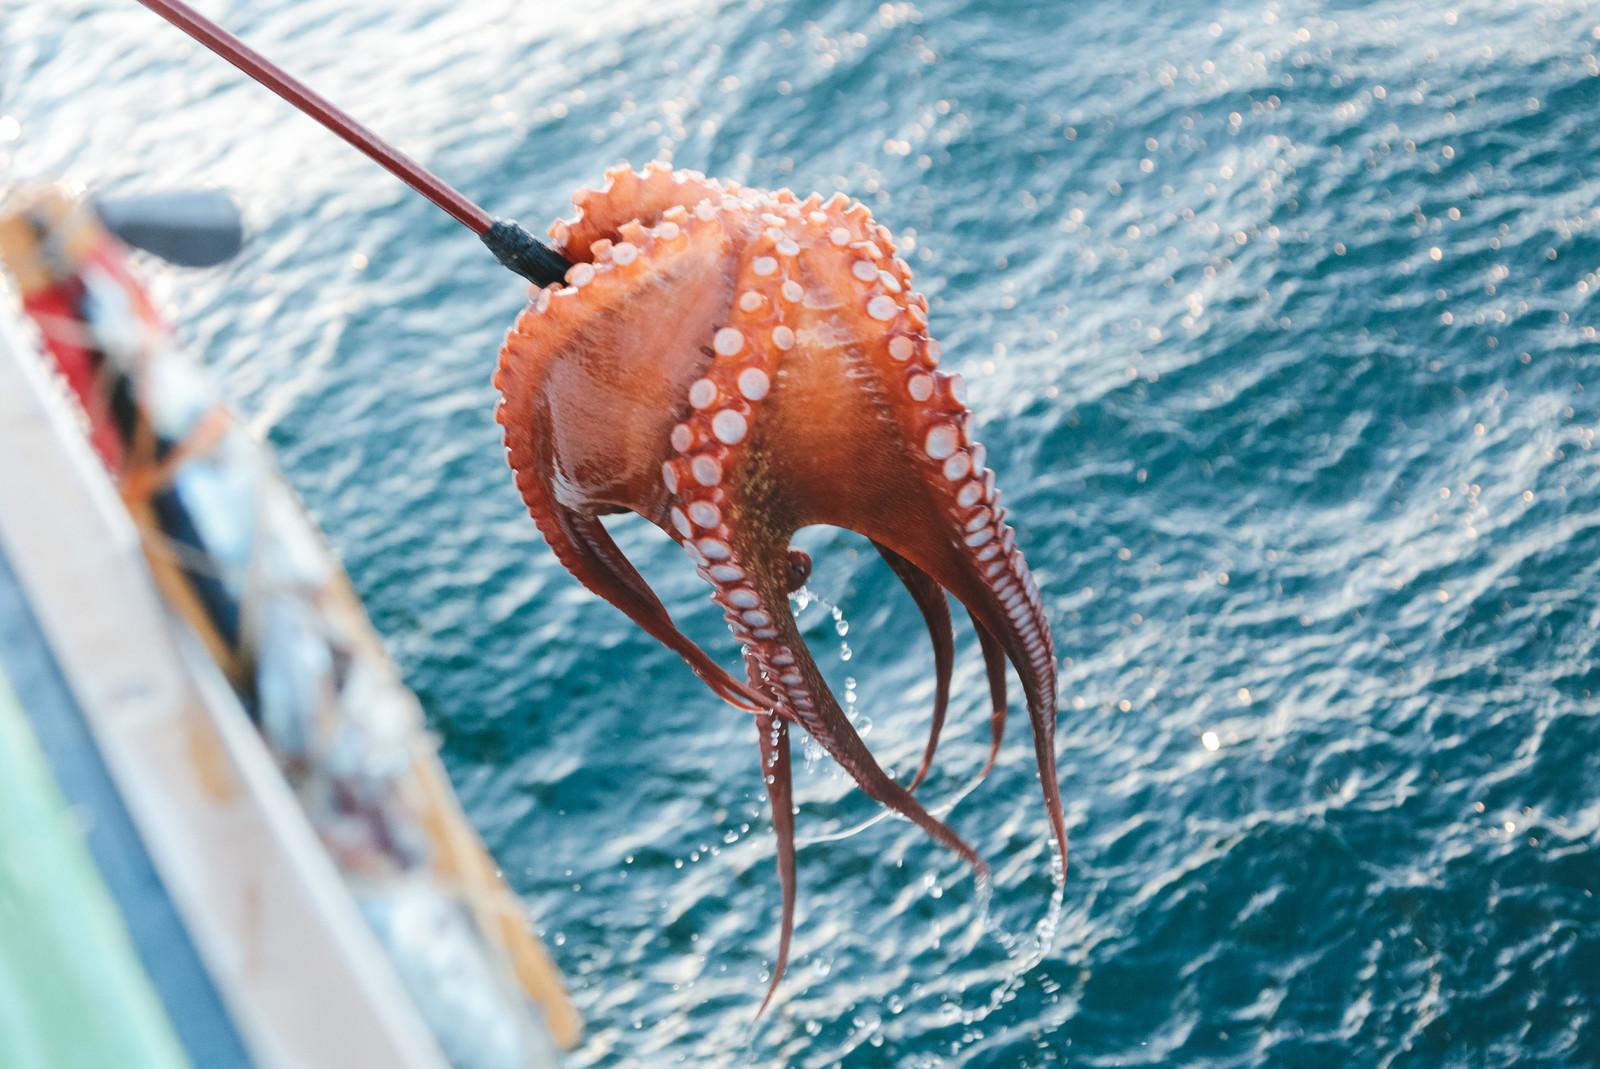 鹿島港の釣り情報をチェック!おすすめのポイントや釣れる魚の種類もご紹介!